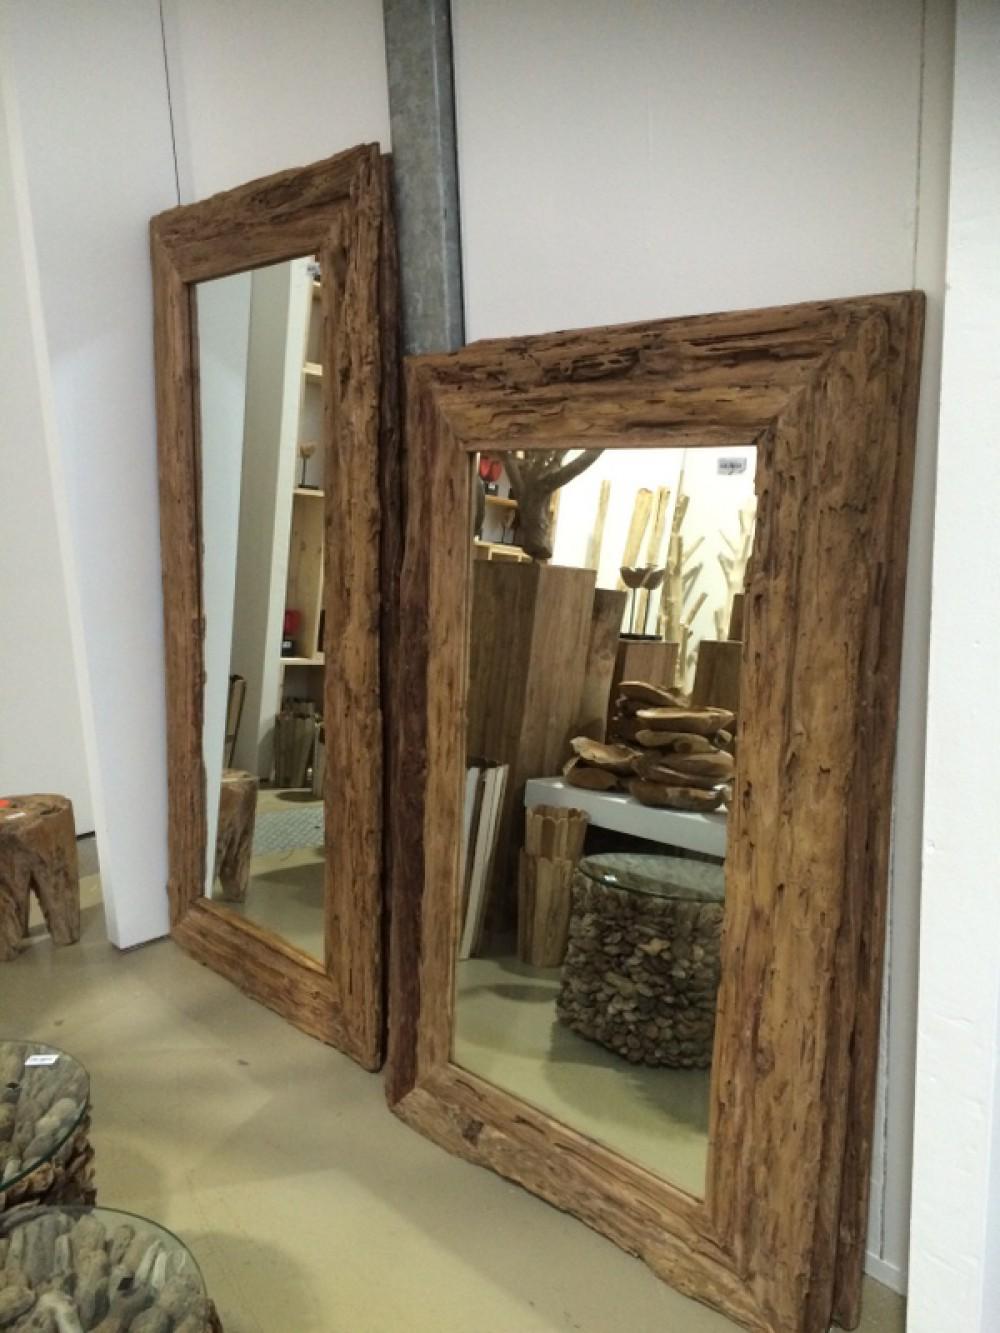 spiegel teakholz recycled wandspiegel holzrahmen ma e 160 x 100 cm. Black Bedroom Furniture Sets. Home Design Ideas